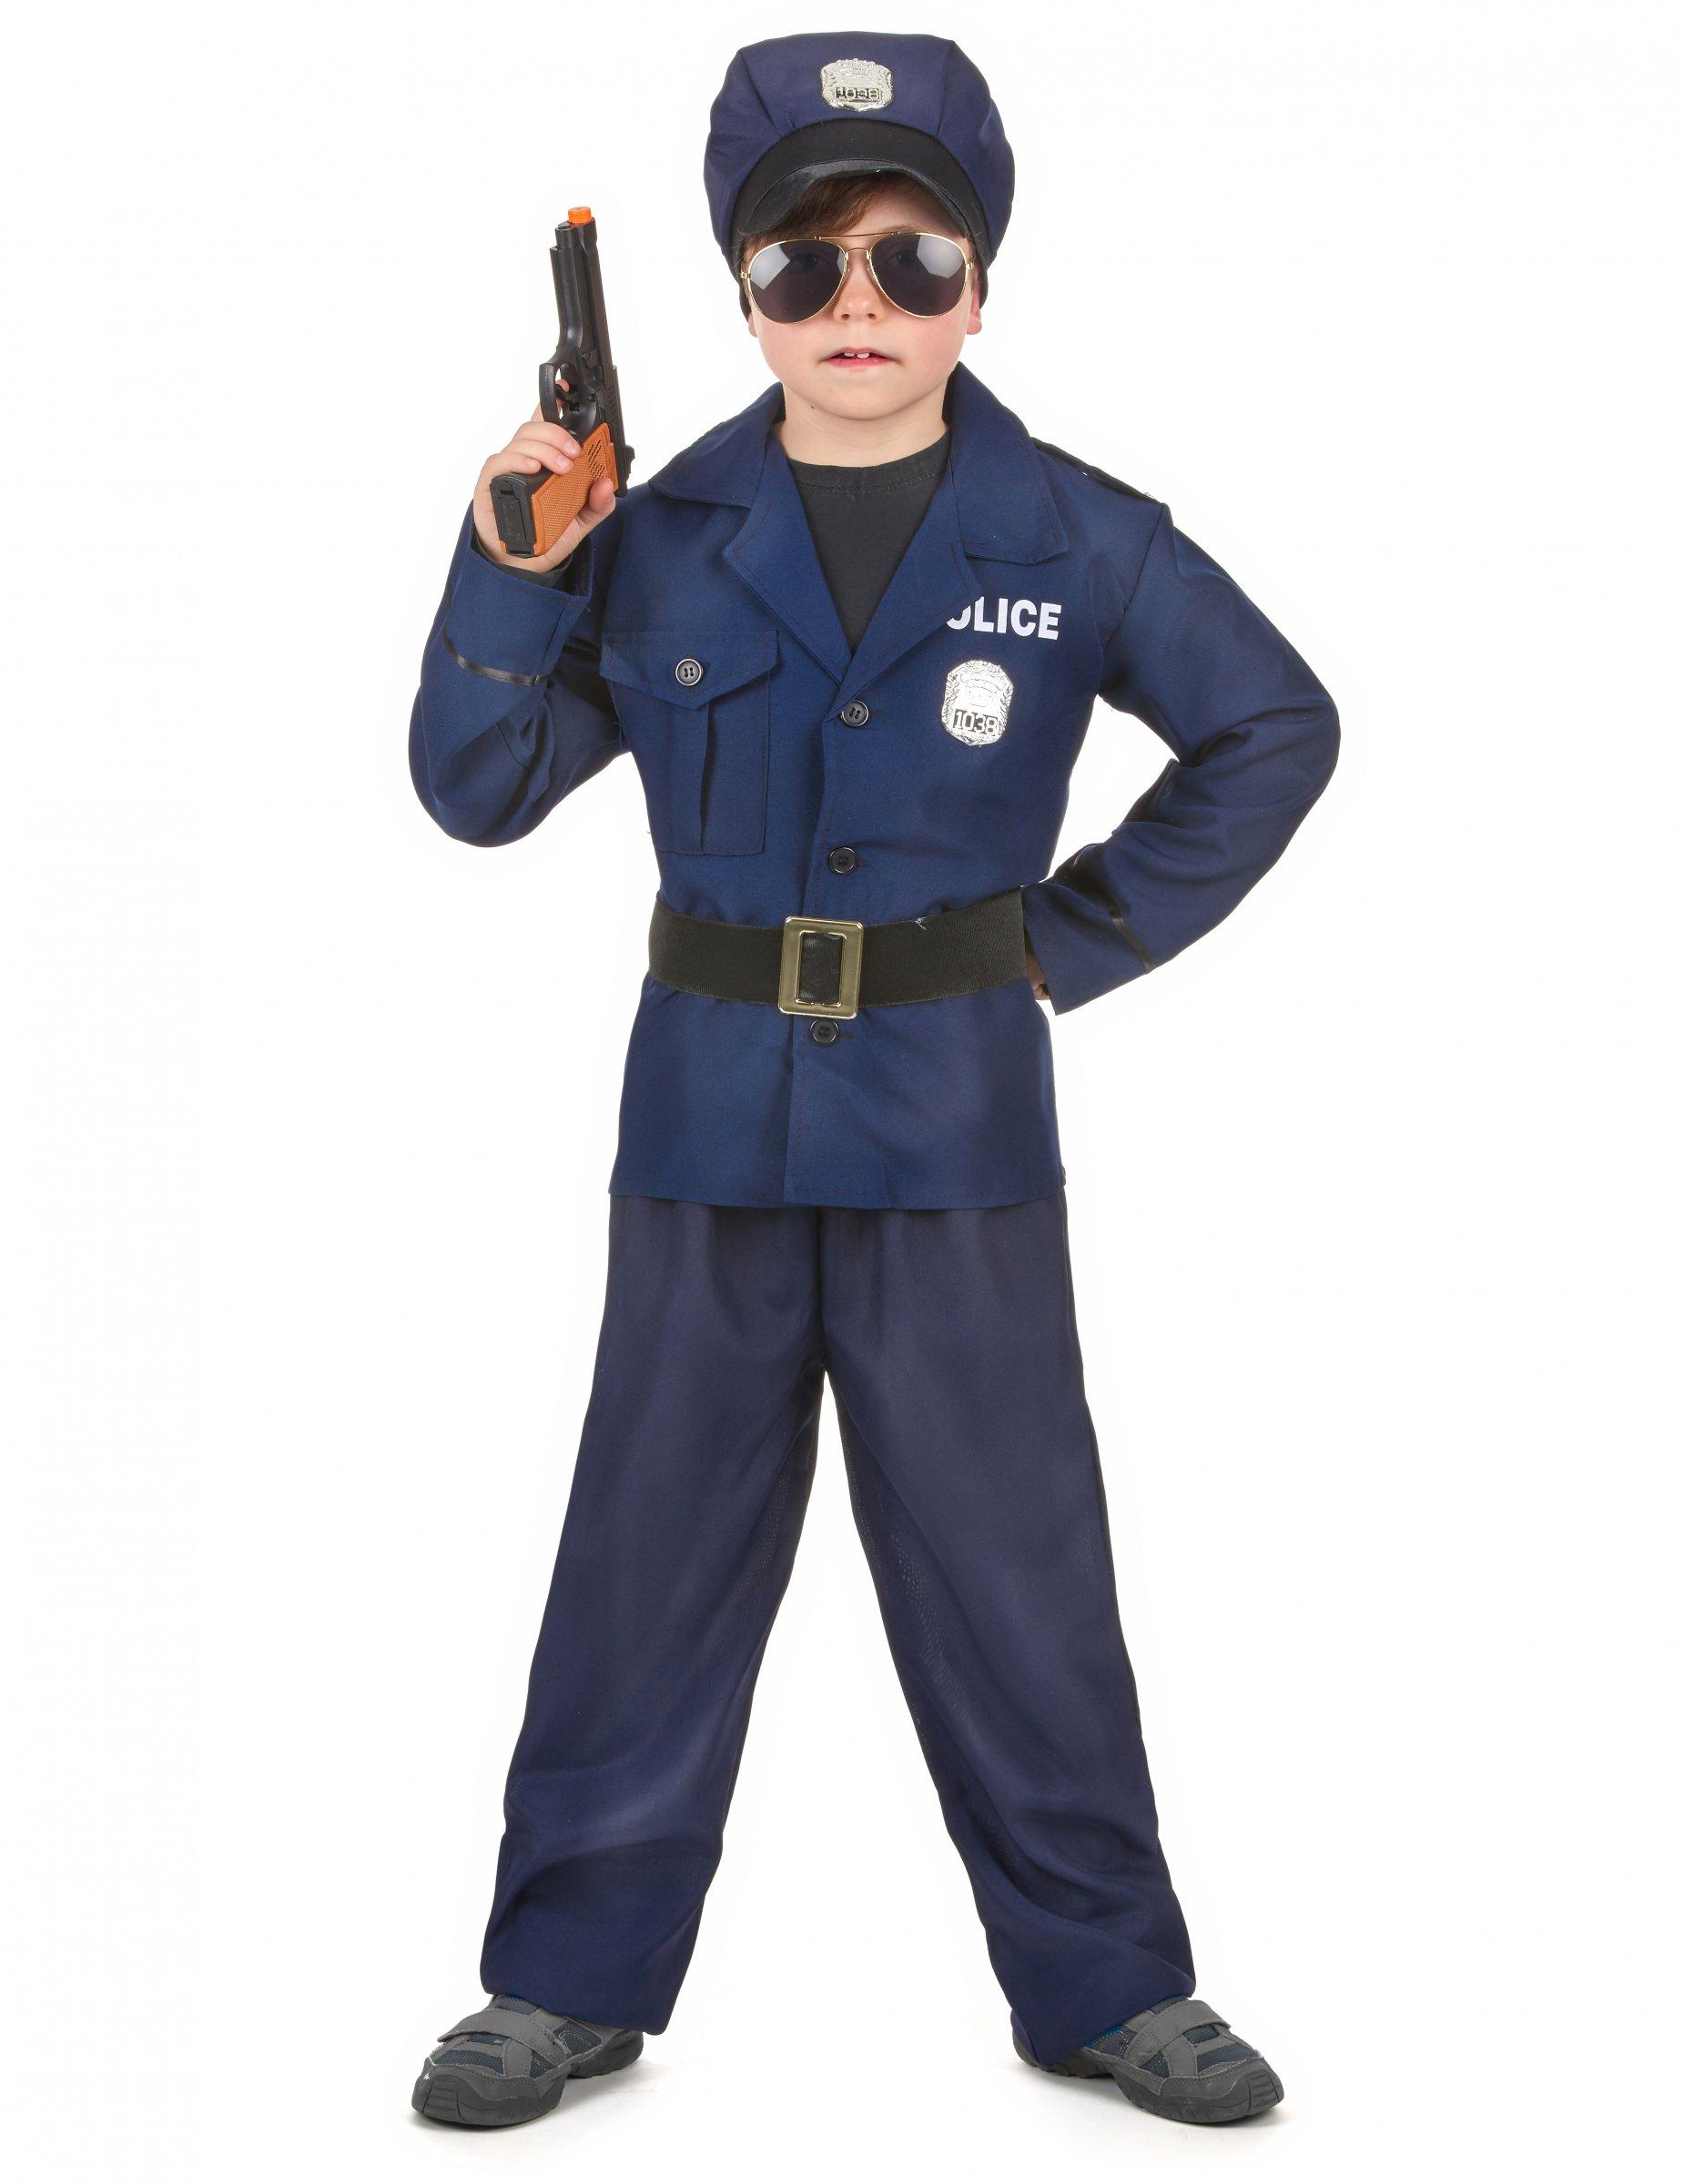 ottenere a buon mercato piuttosto fico Liquidazione del 60% Costume poliziotto deluxe bambino